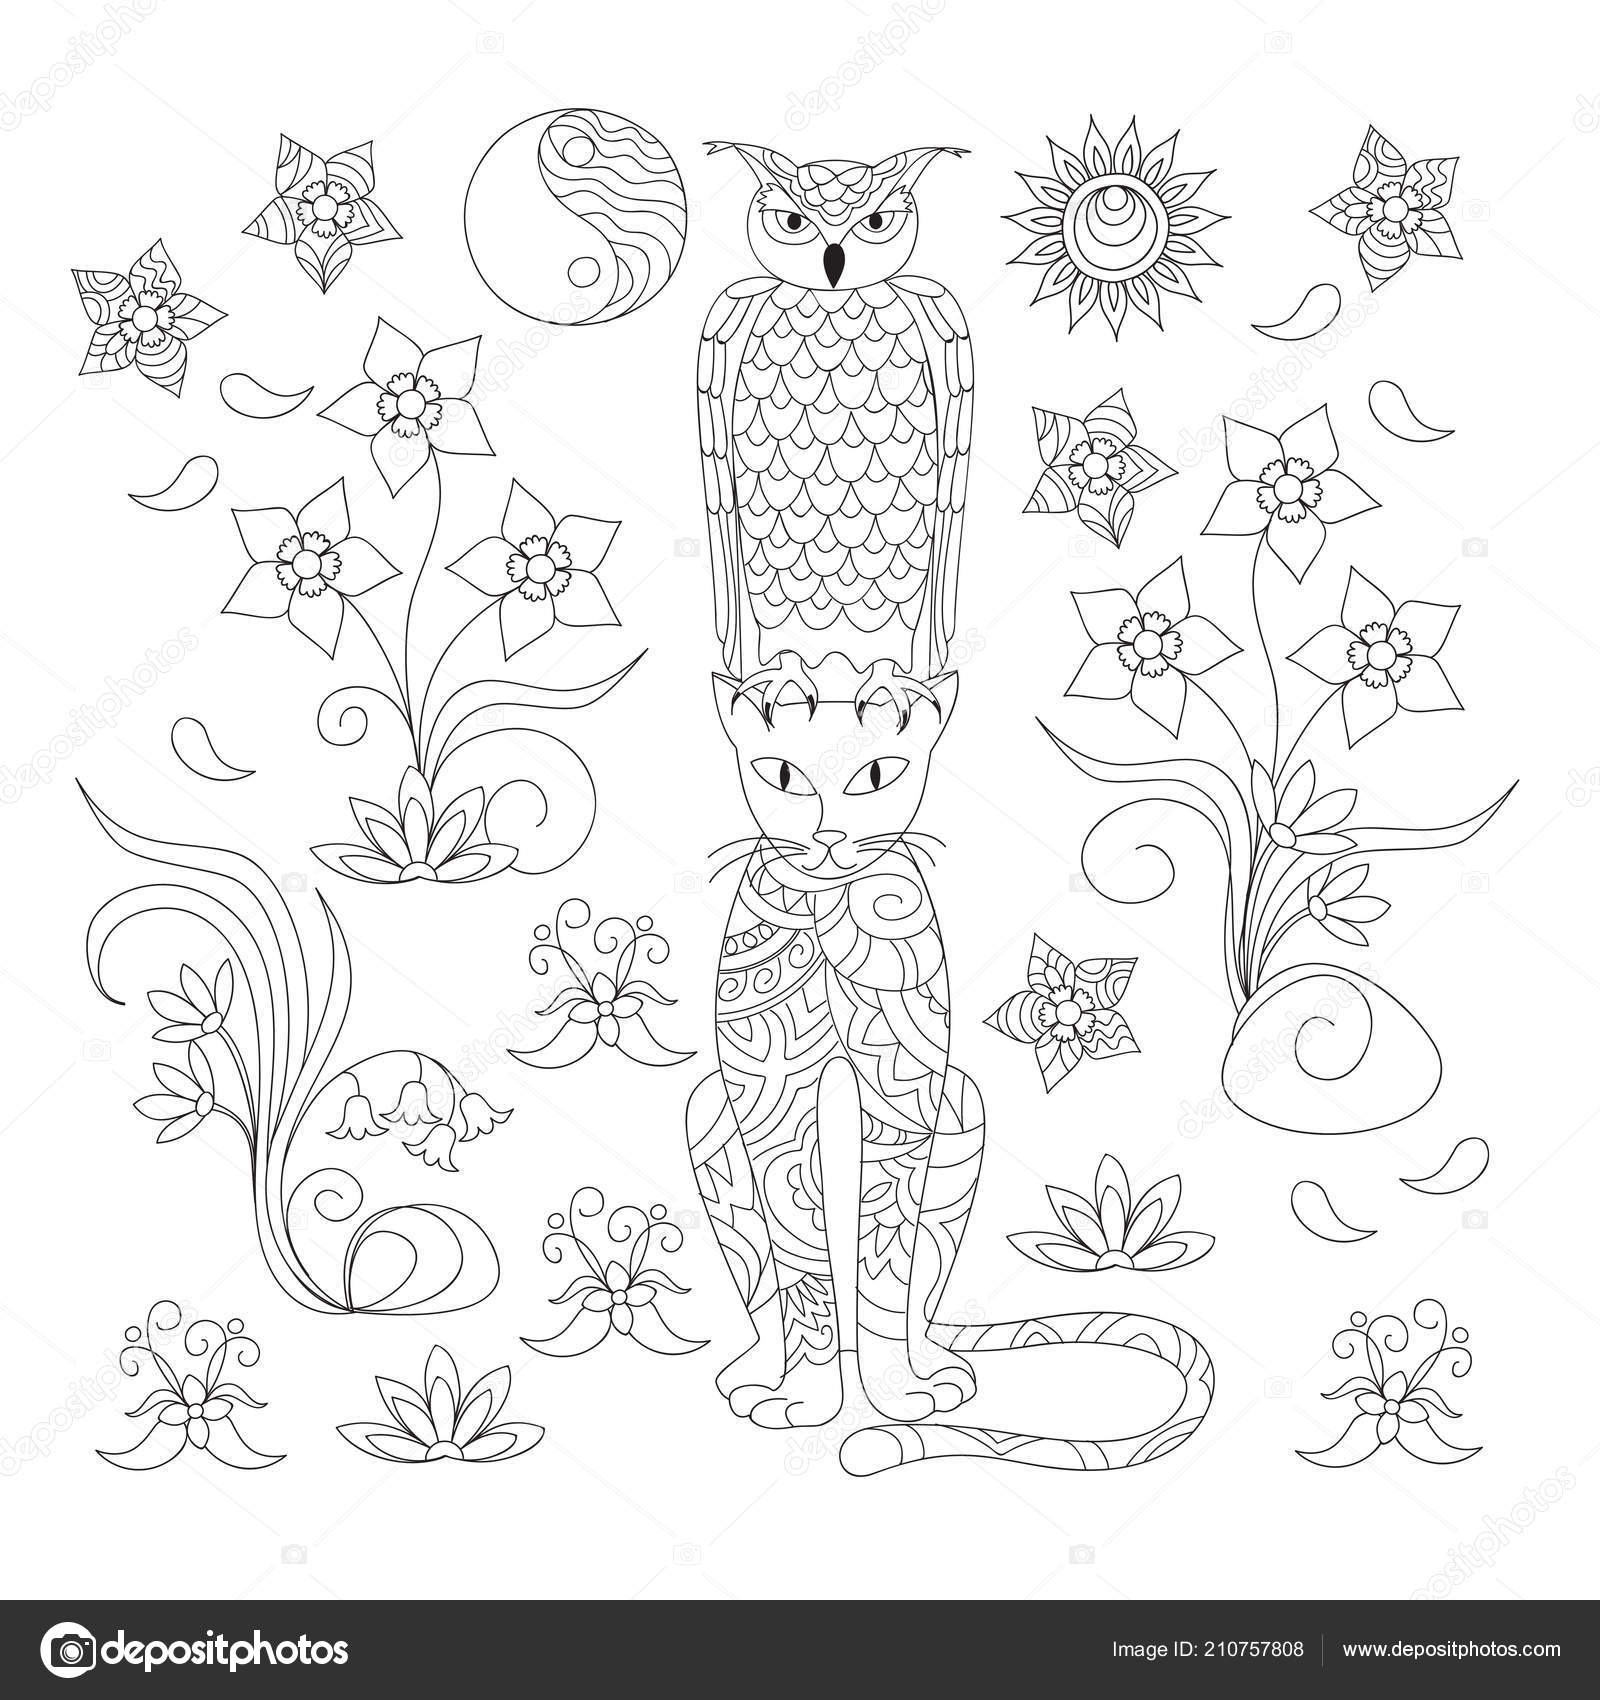 окраска страница рисованной узорной сова кошка среди цветов